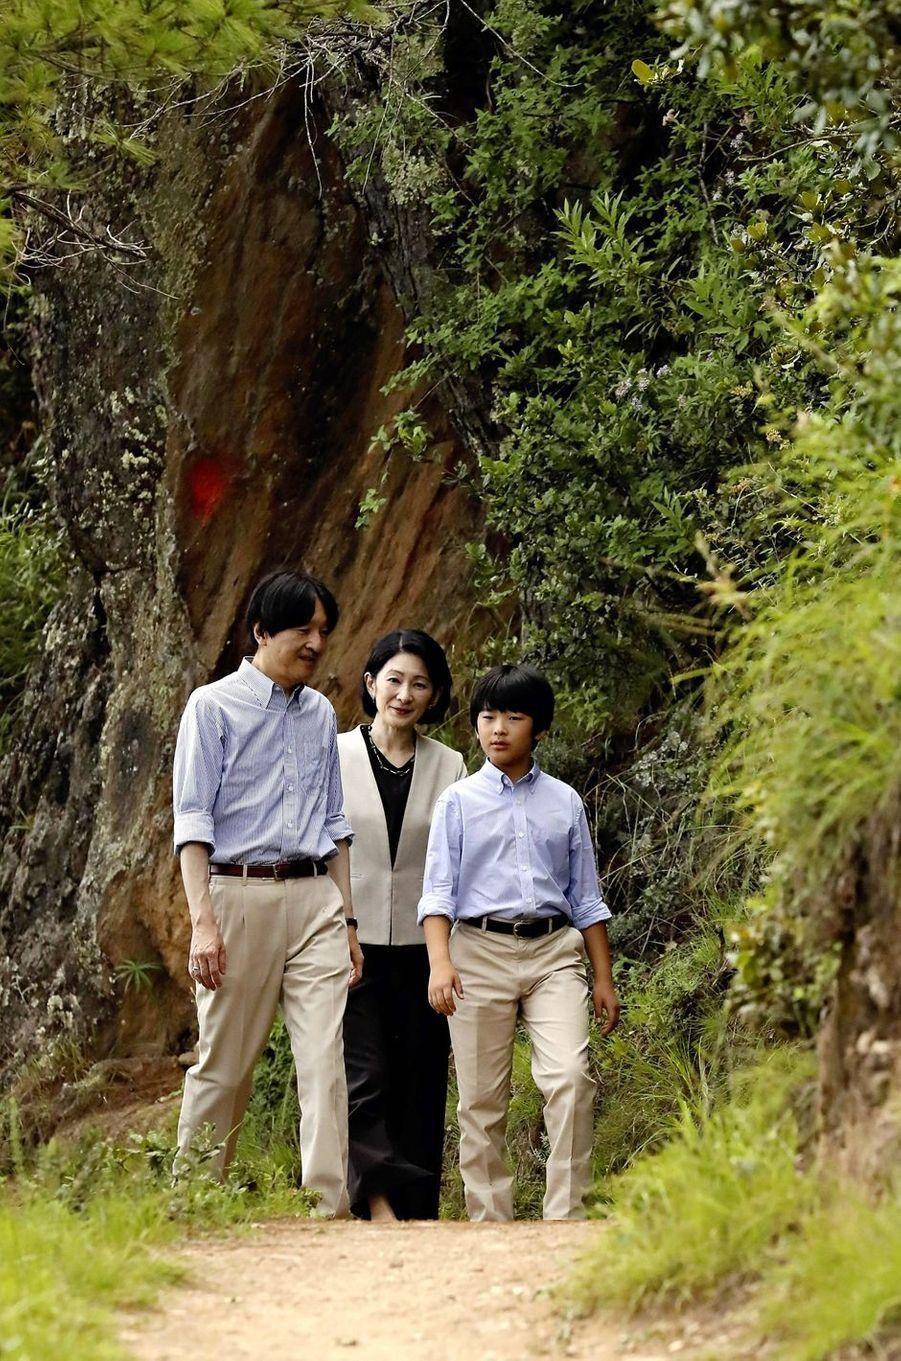 Le prince Hisahito du Japon et ses parents le prince Fumihito d'Akishino et la princesse Kiko au Bhoutan, le 20 août 2019